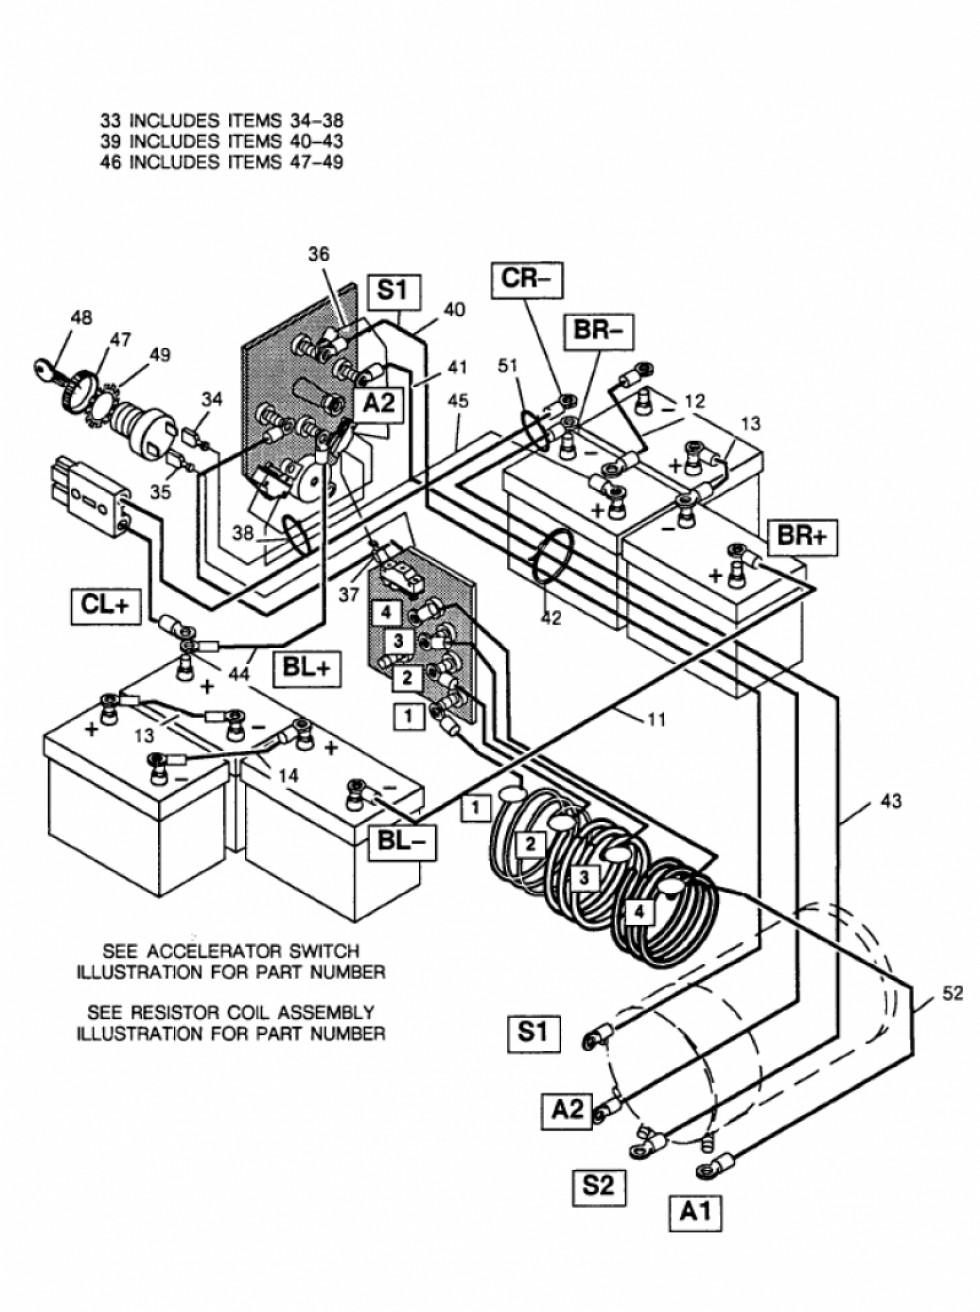 1986 ezgo wiring diagram schematics wiring diagrams u2022 rh seniorlivinguniversity co 1989 ez go gas wiring diagram Golf Cart Solenoid Wiring Diagram